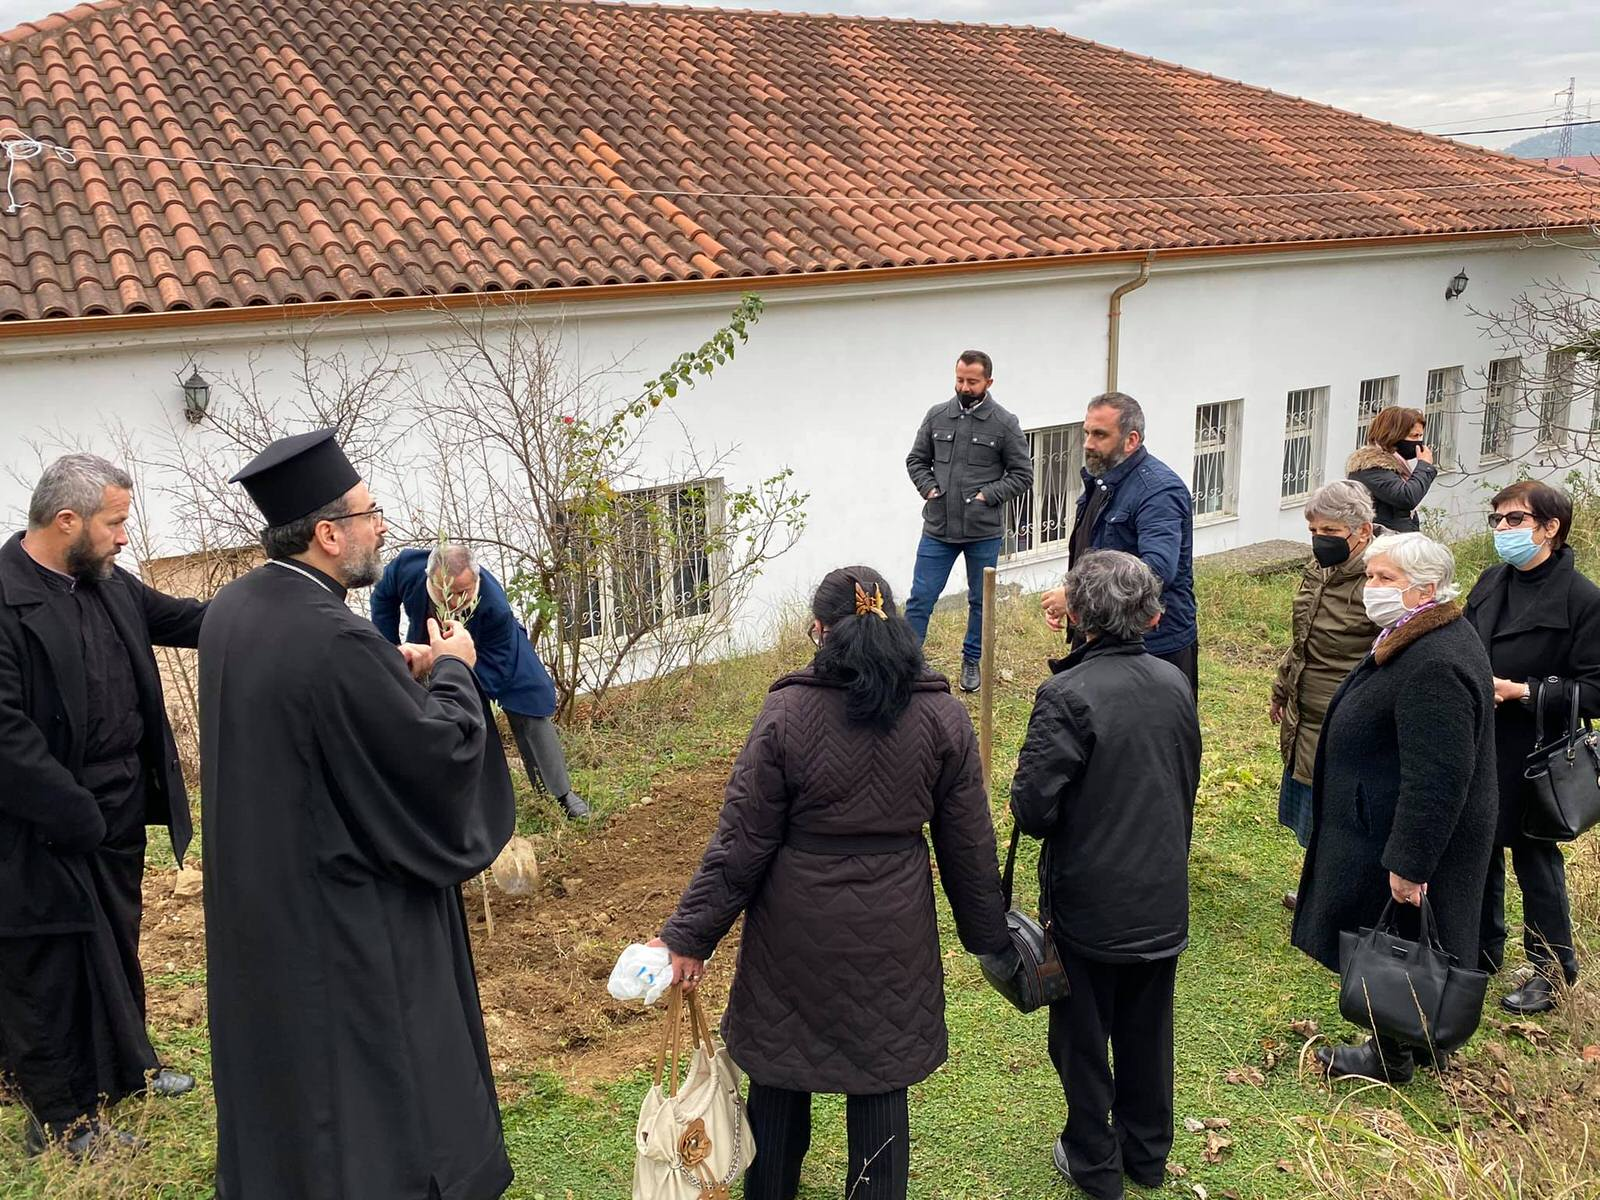 Μητροπολίτης Ελμπασάν Αντώνιος Δενδροφύτευση Αλβανία Χριστούγεννα 2020